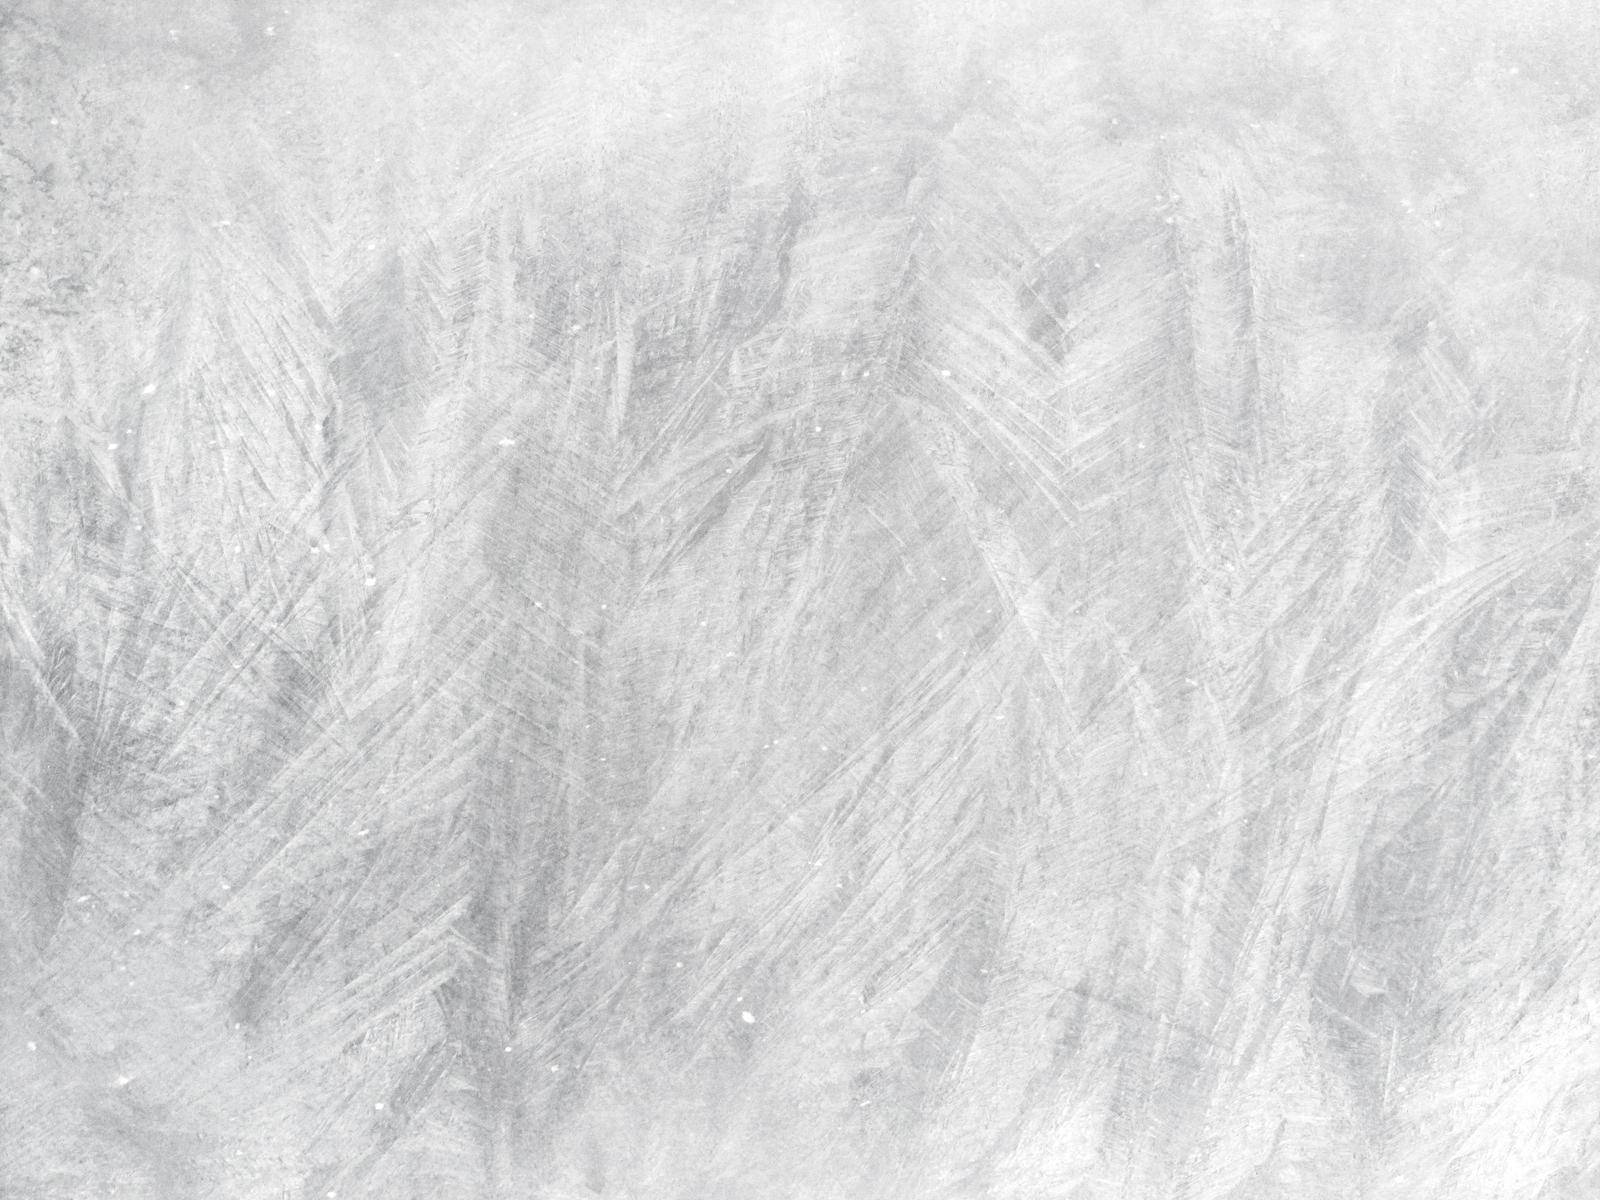 Texture 153 By Sirius sdz On DeviantArt